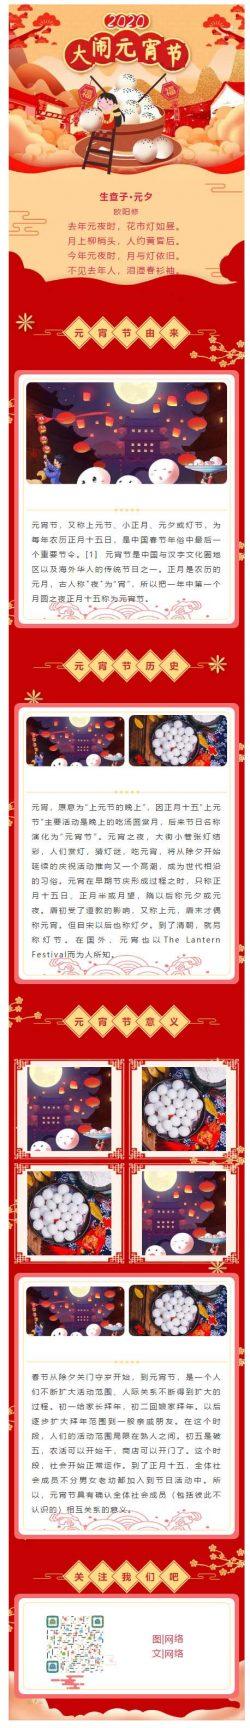 元宵节传统节日正月十五红色喜庆风格模板微信图文模板公众号推文素材